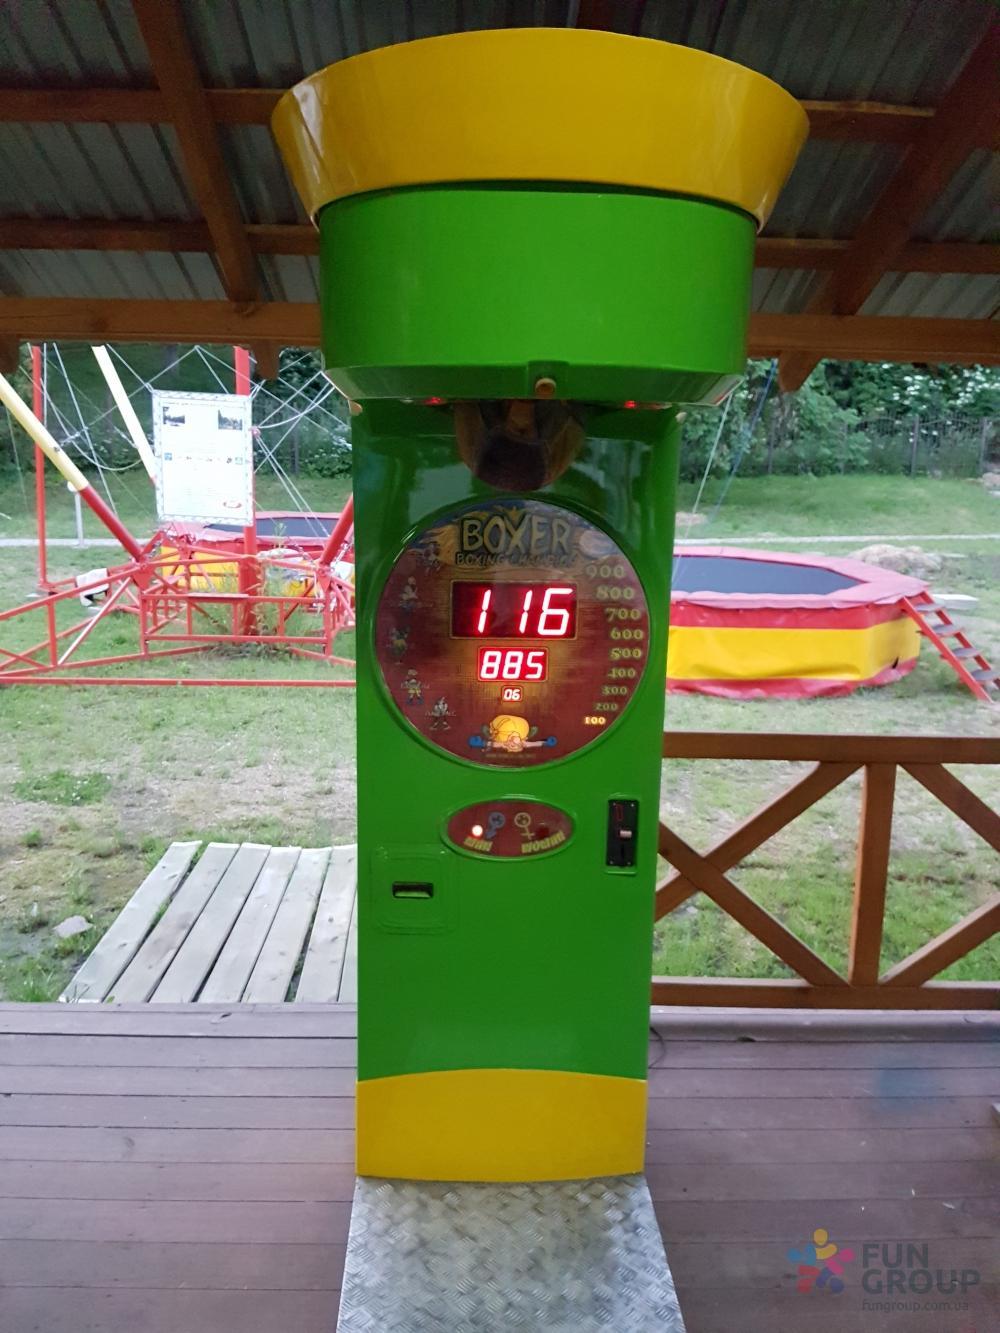 Игровые аппараты boxer б/у купить elencazino автоматы играть бесплатно